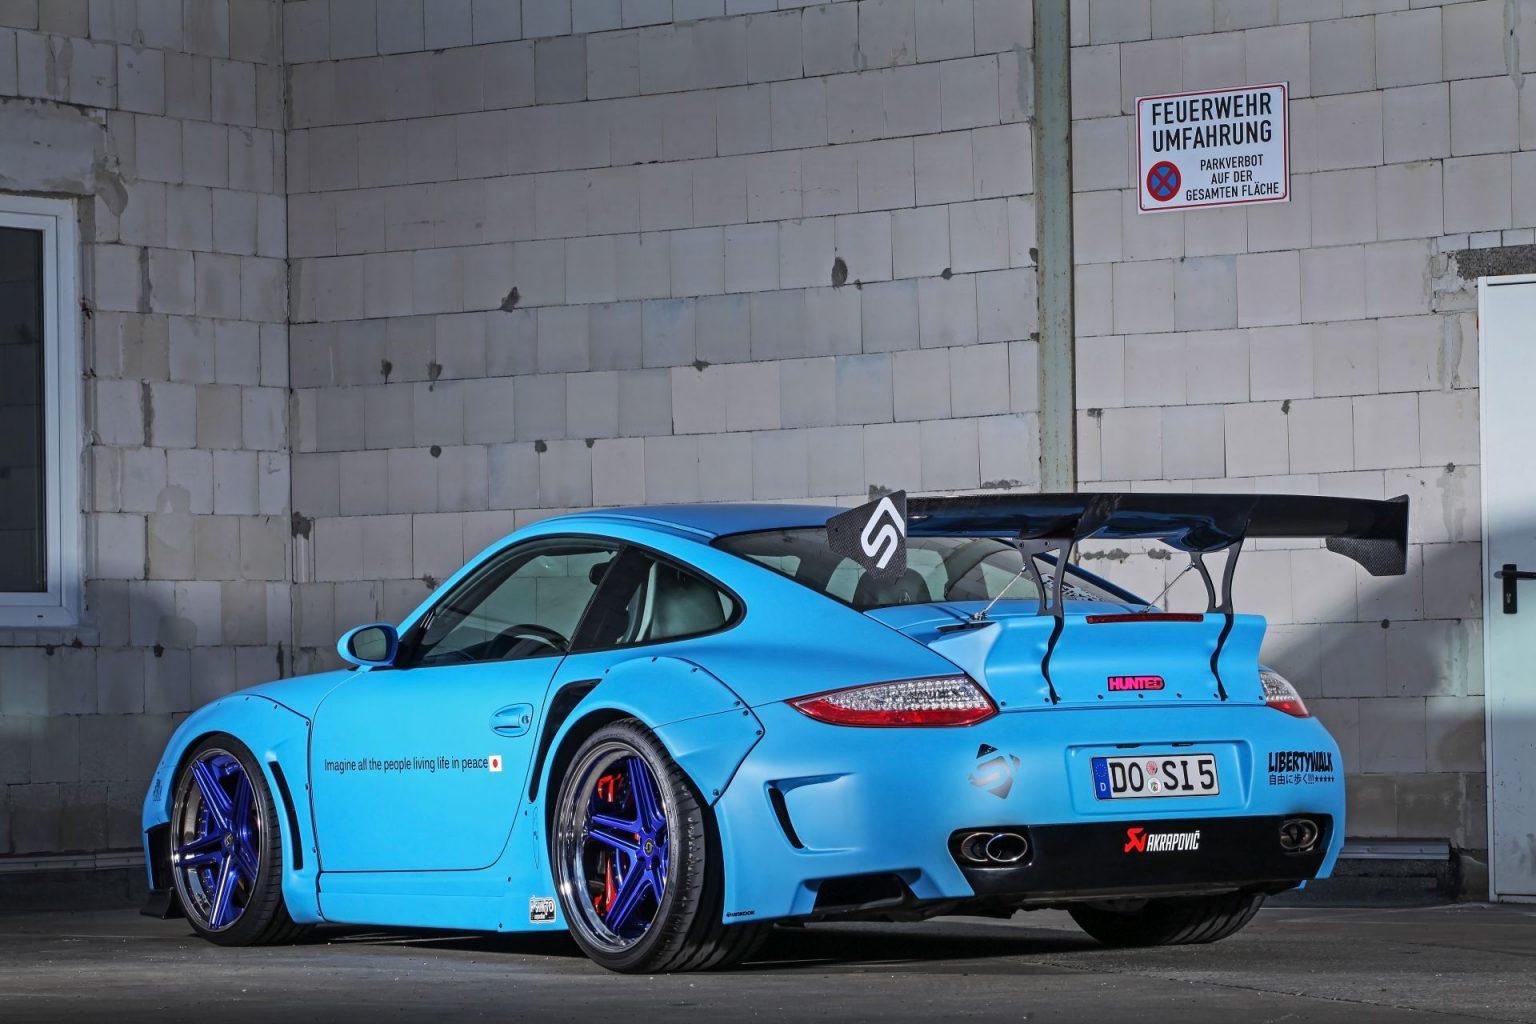 Porsche 997 Turbo By Sidney Industries Fsline Schmidt